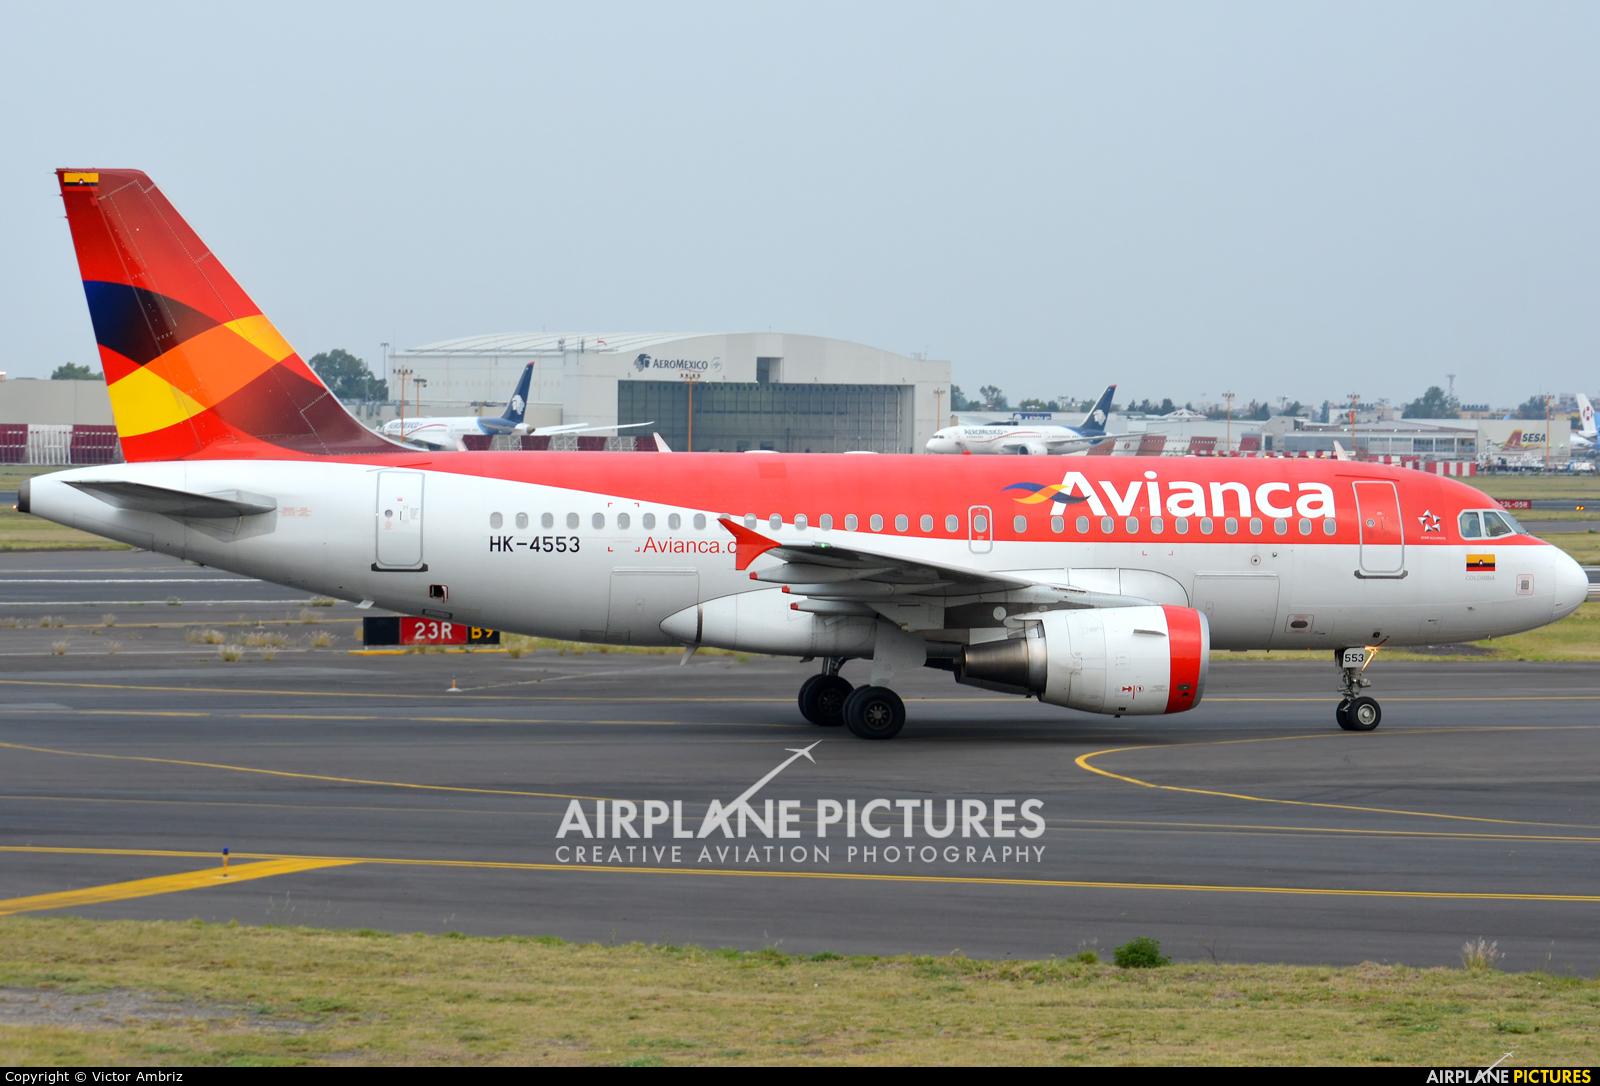 Avianca HK-4553 aircraft at Mexico City - Licenciado Benito Juarez Intl